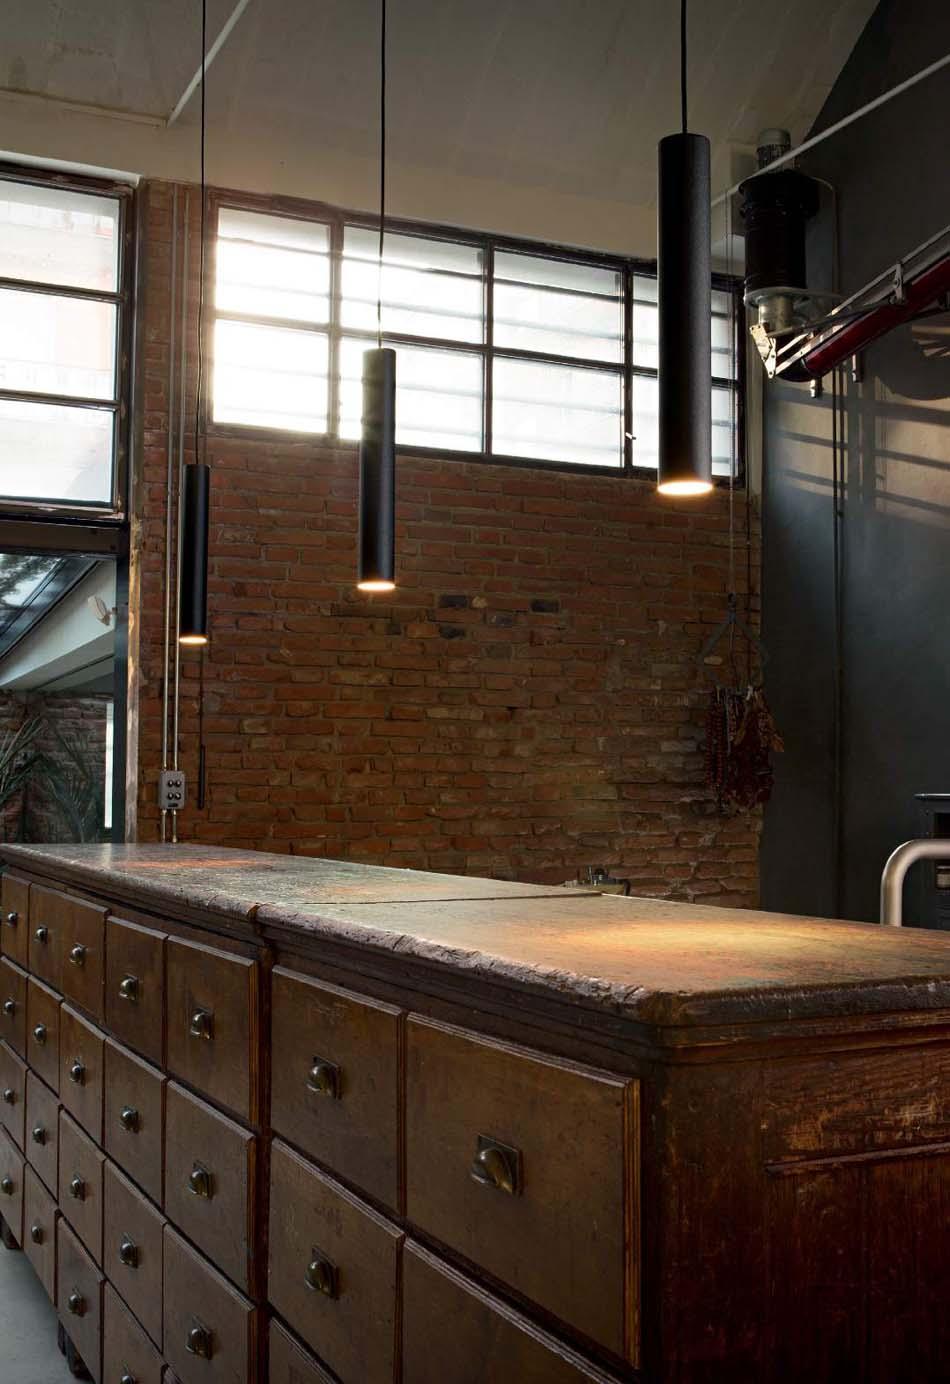 Lampade sospese Ideal Lux Look – Toscana Arredamenti